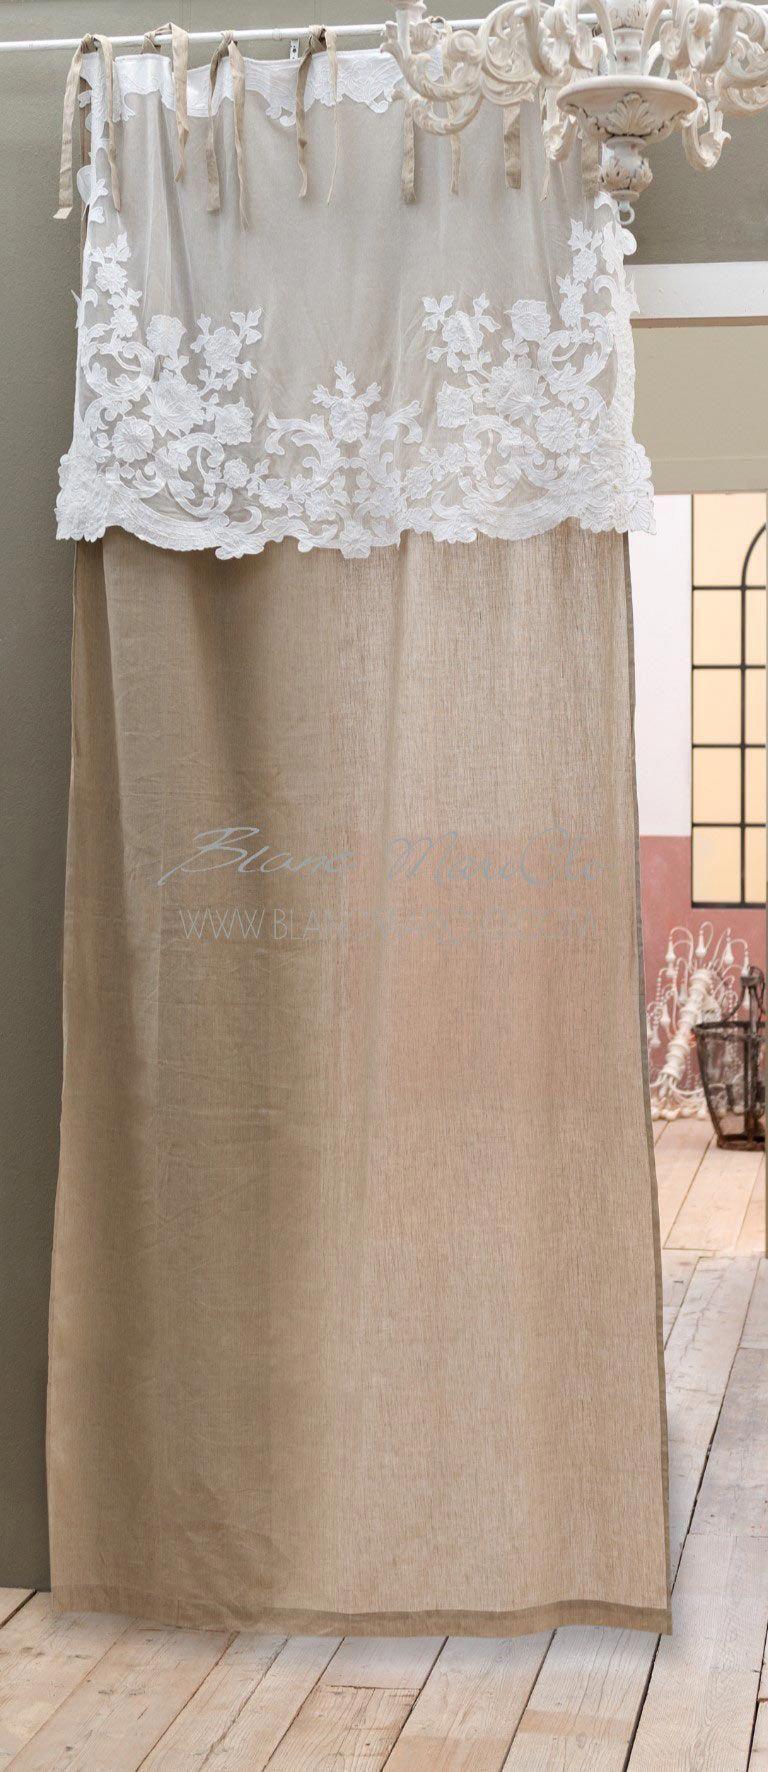 Materiale Per Shabby Chic.Tenda Shabby Chic Con Mantovana Arabella Collection Blanc